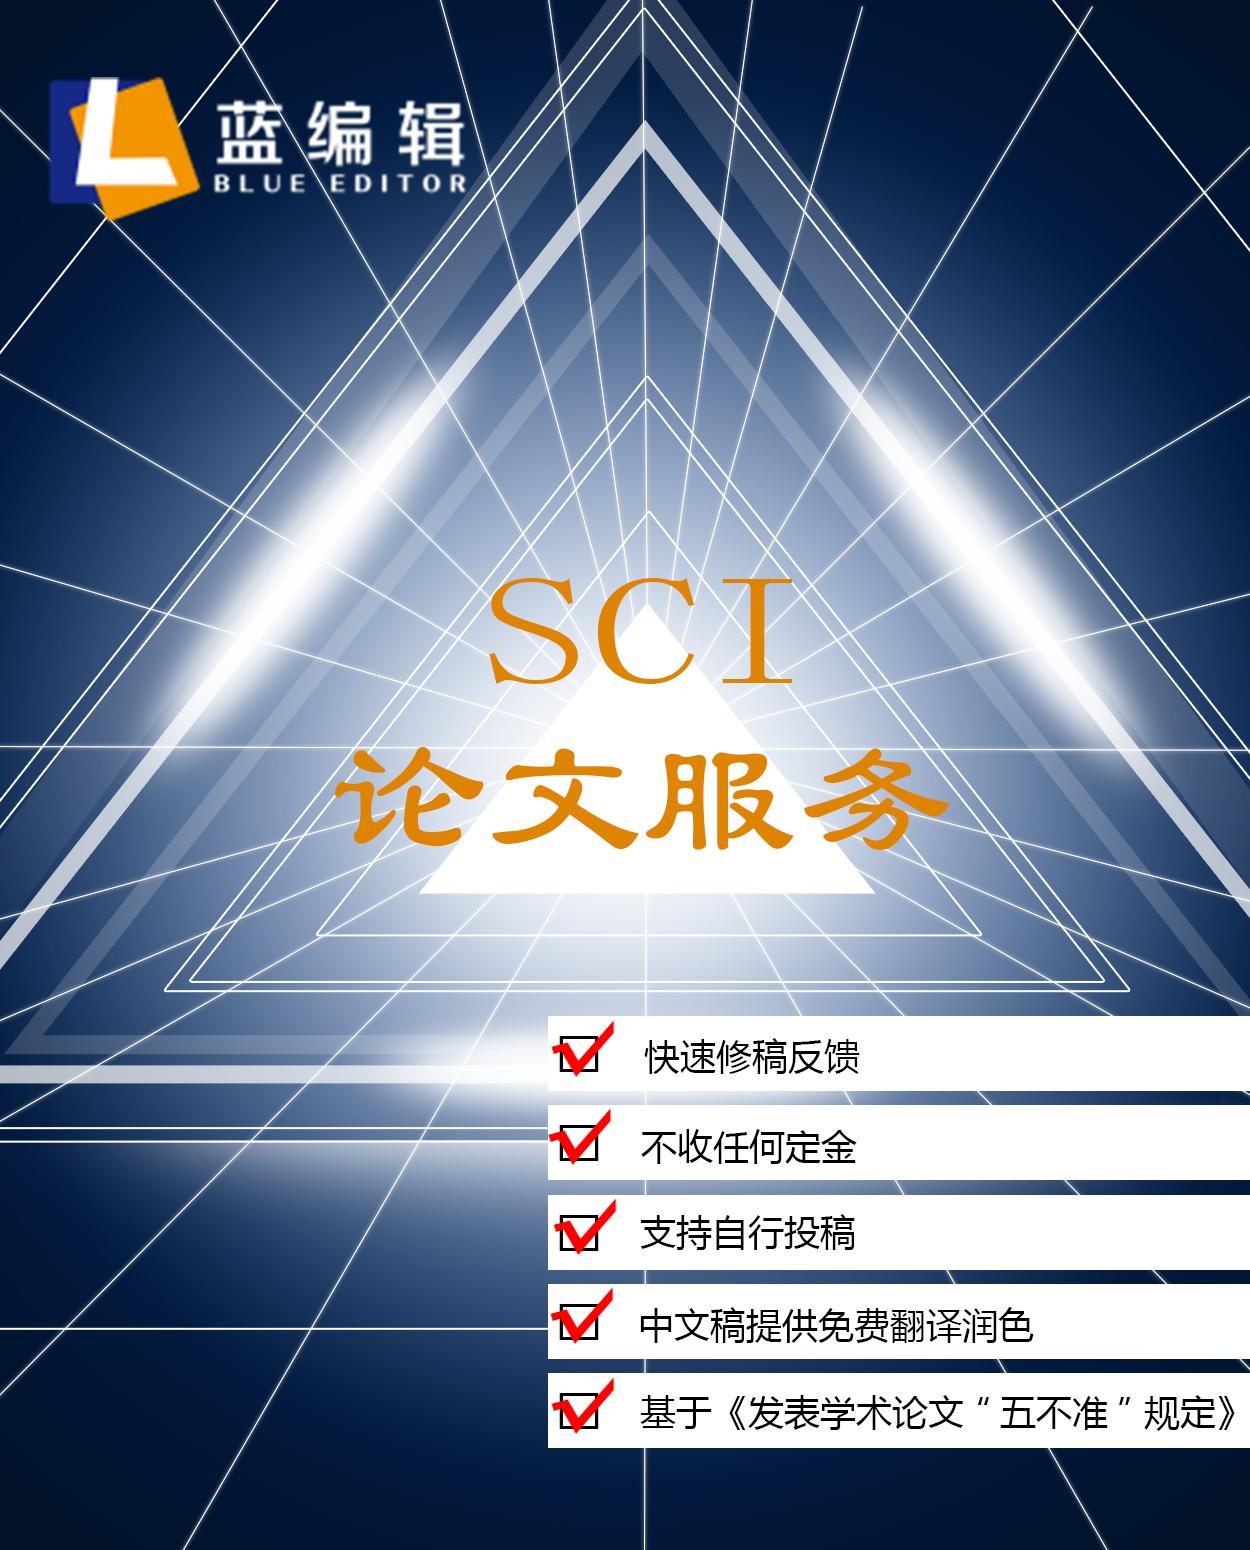 SCI非英文稿件服务